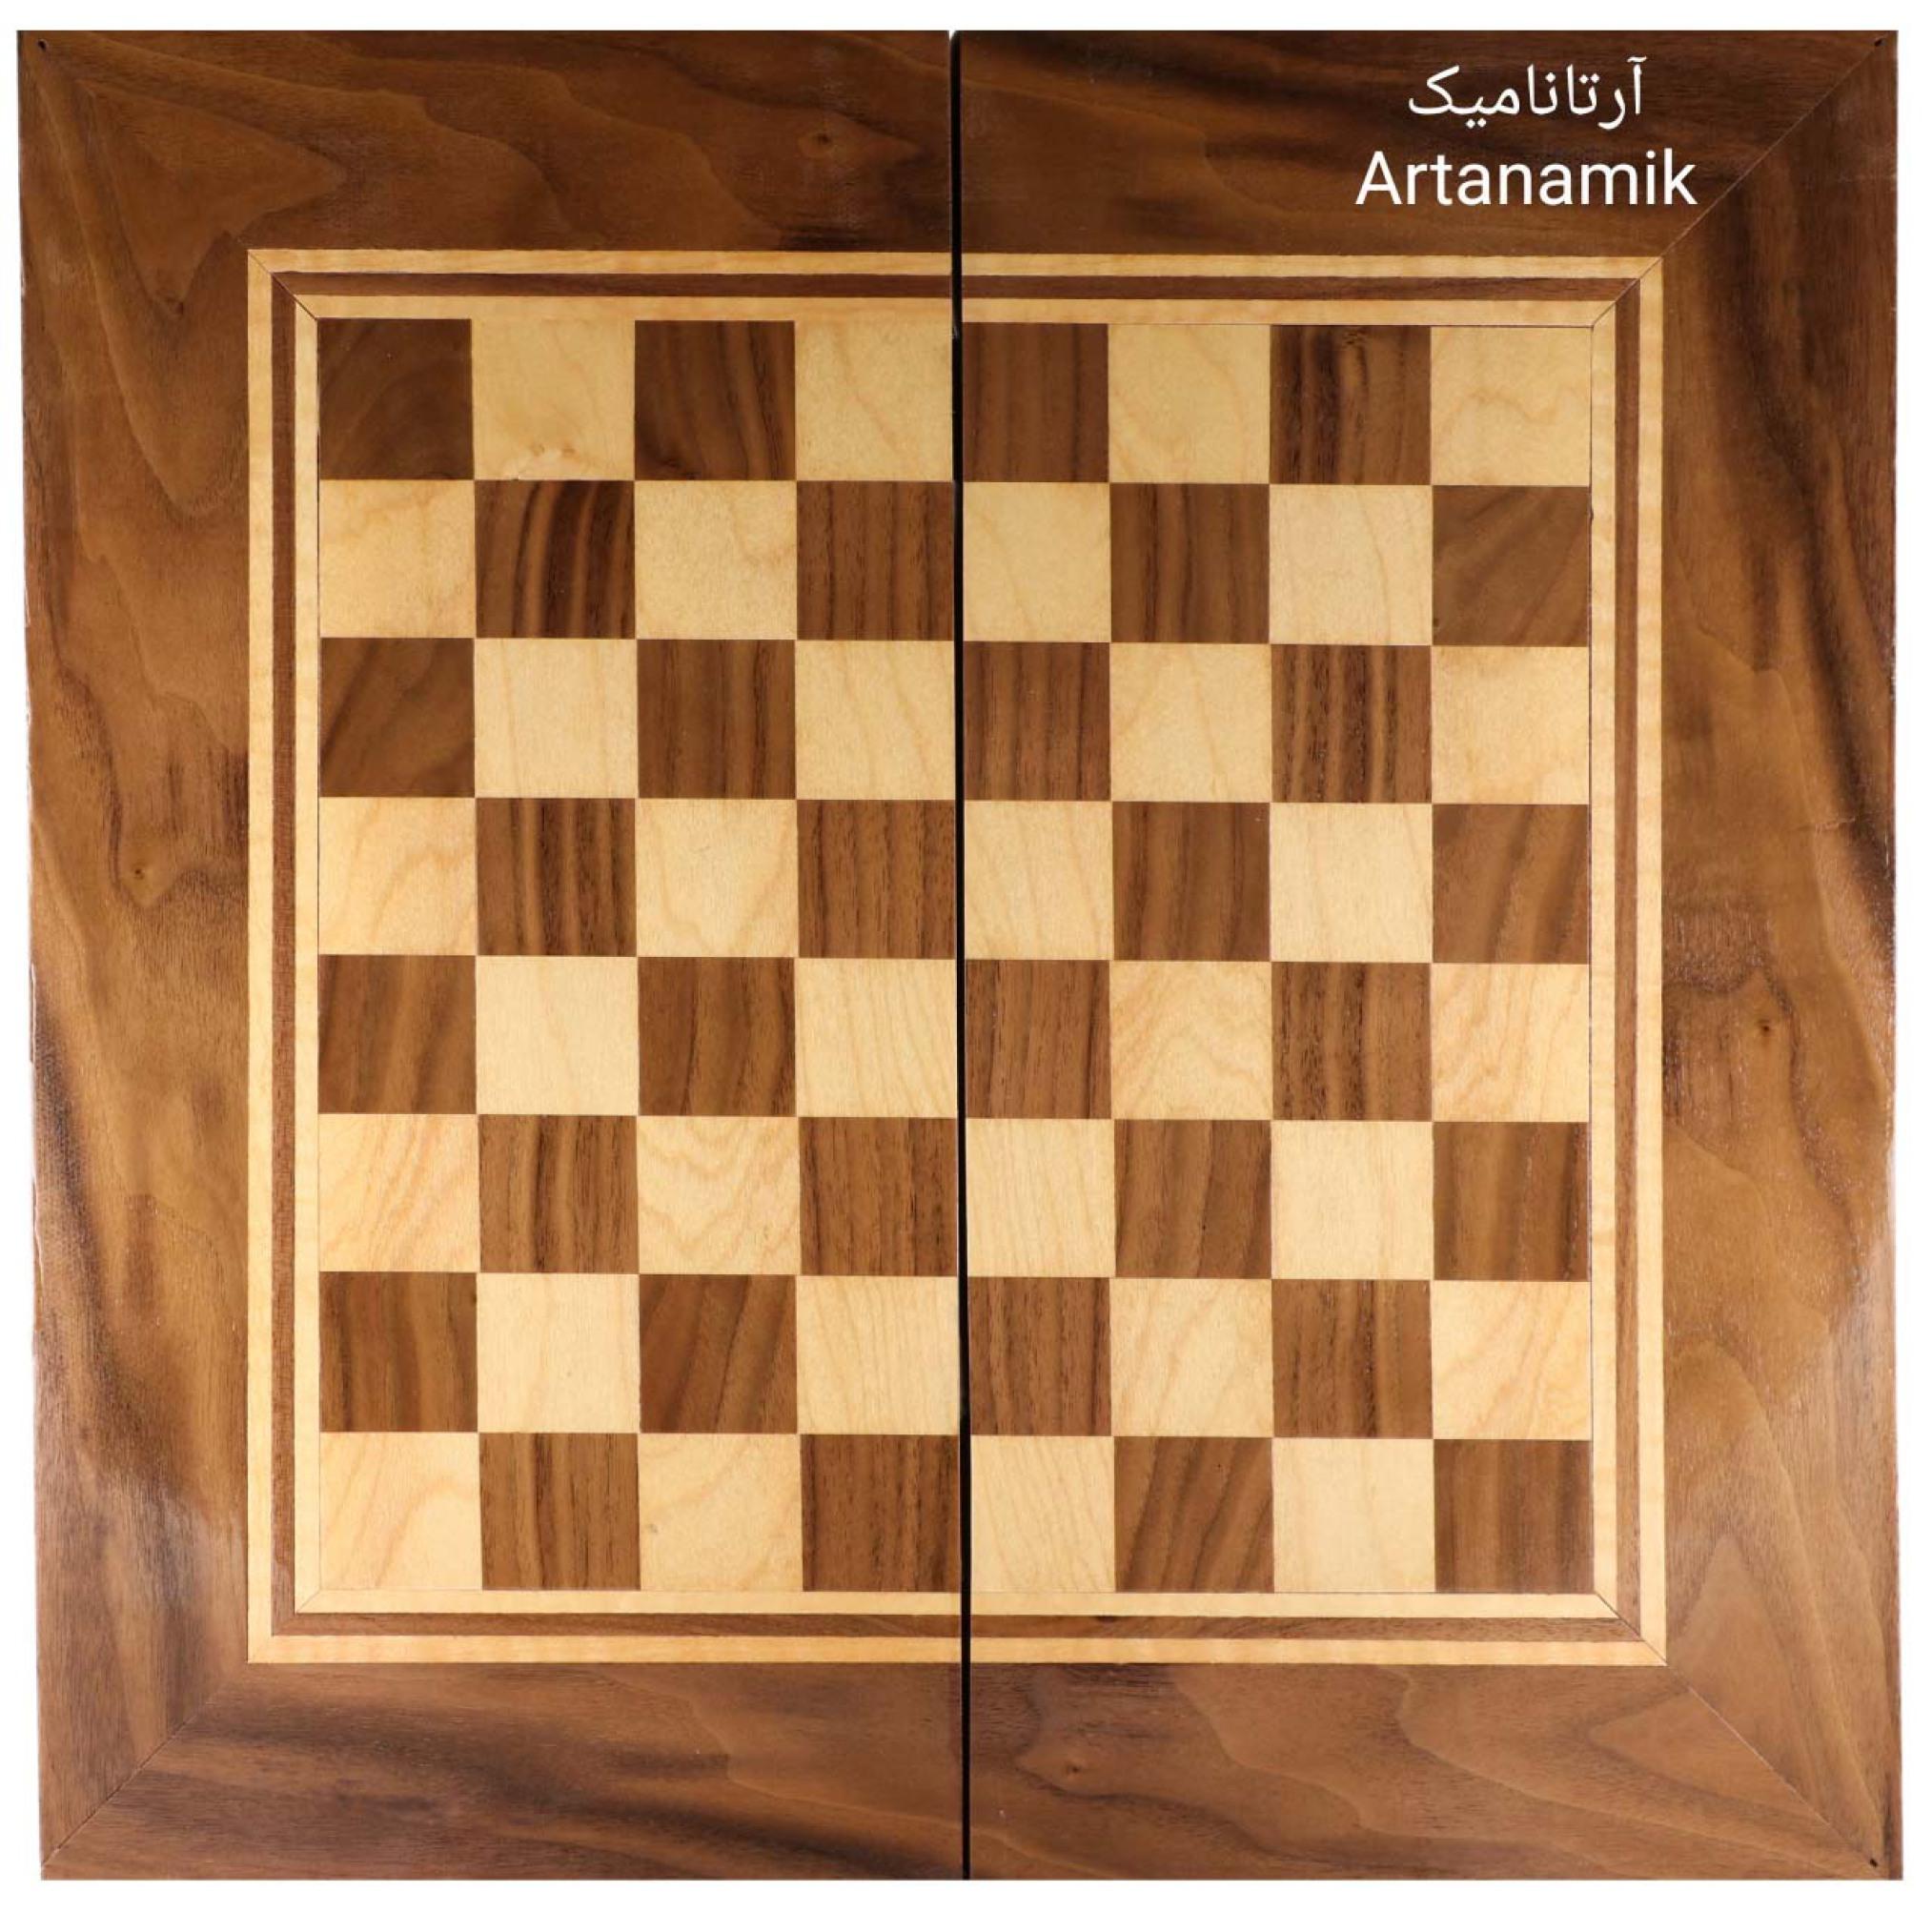 شطرنج کلاف گردو، تخته نرد کادویی همراه با کاور و مهره تخته نرد